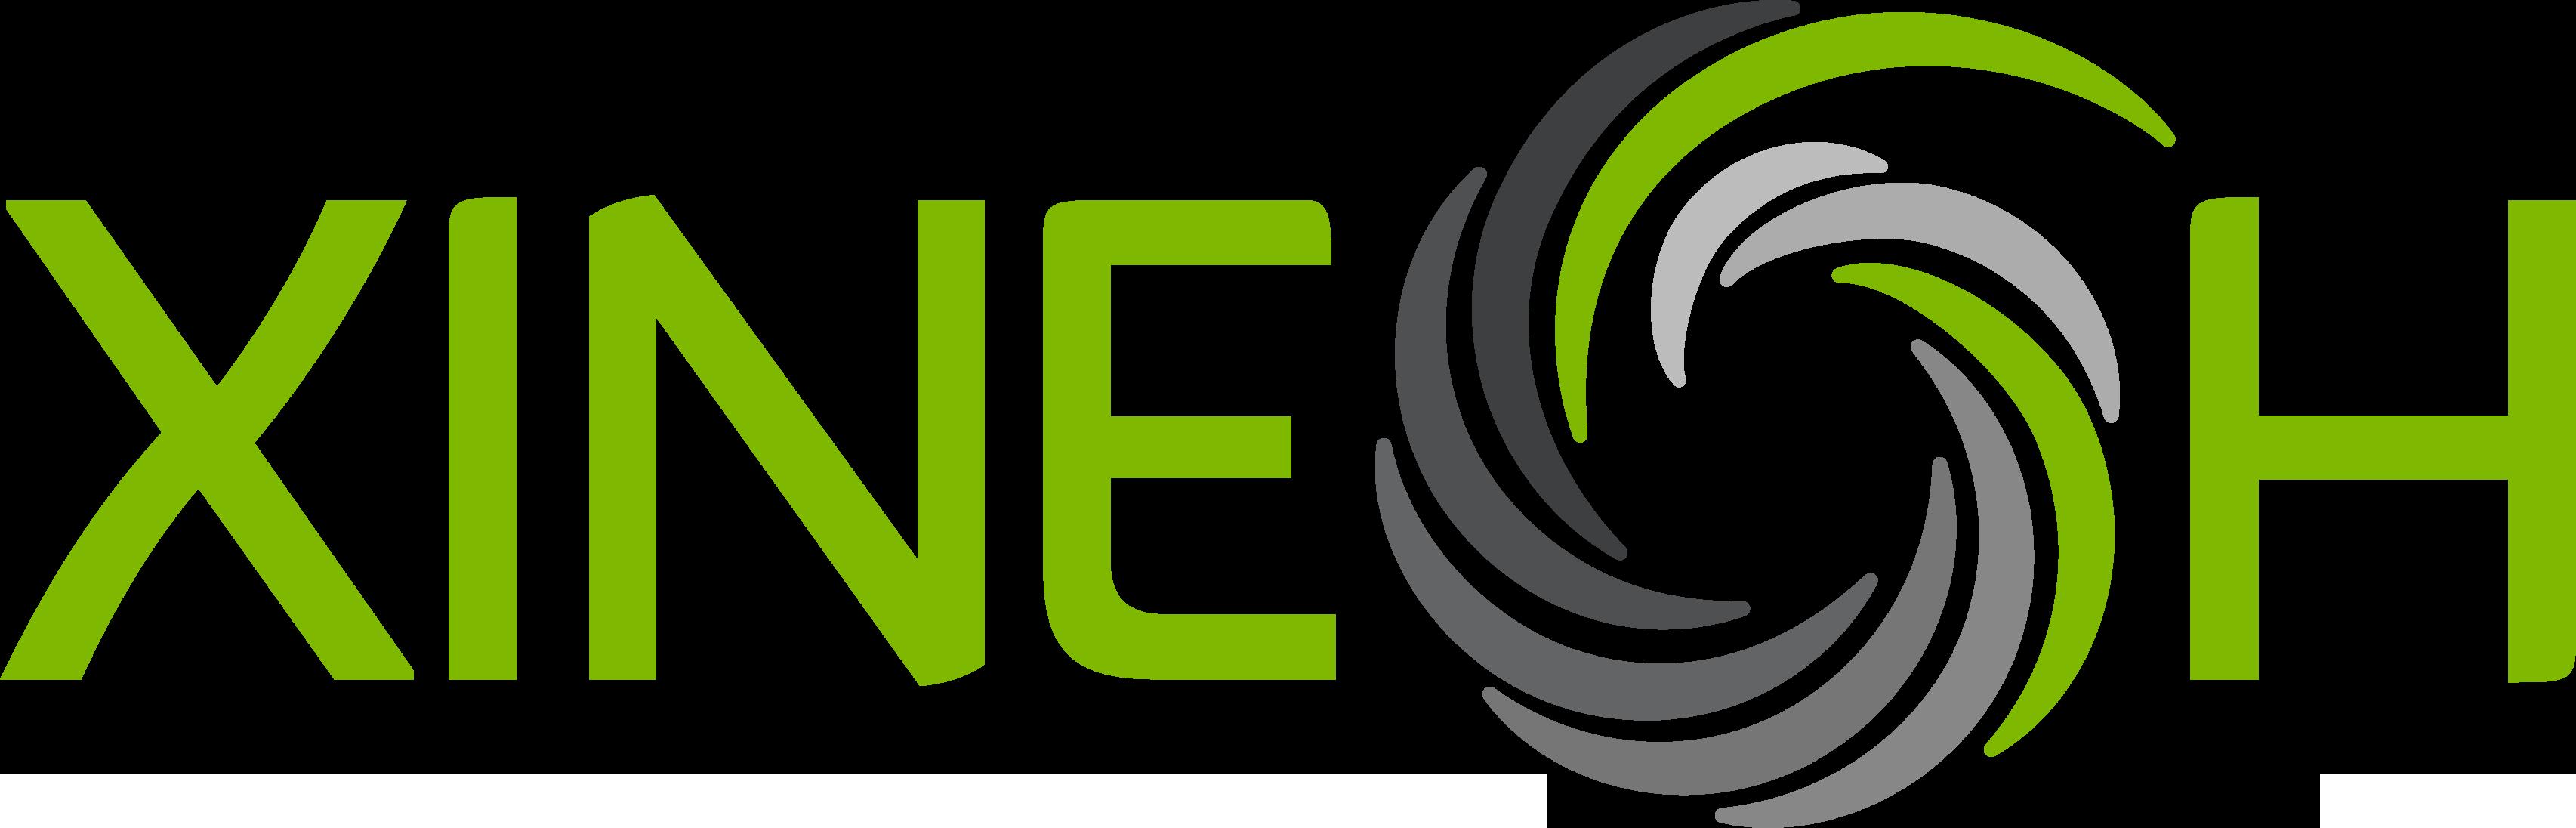 xineoh-logo-transparent